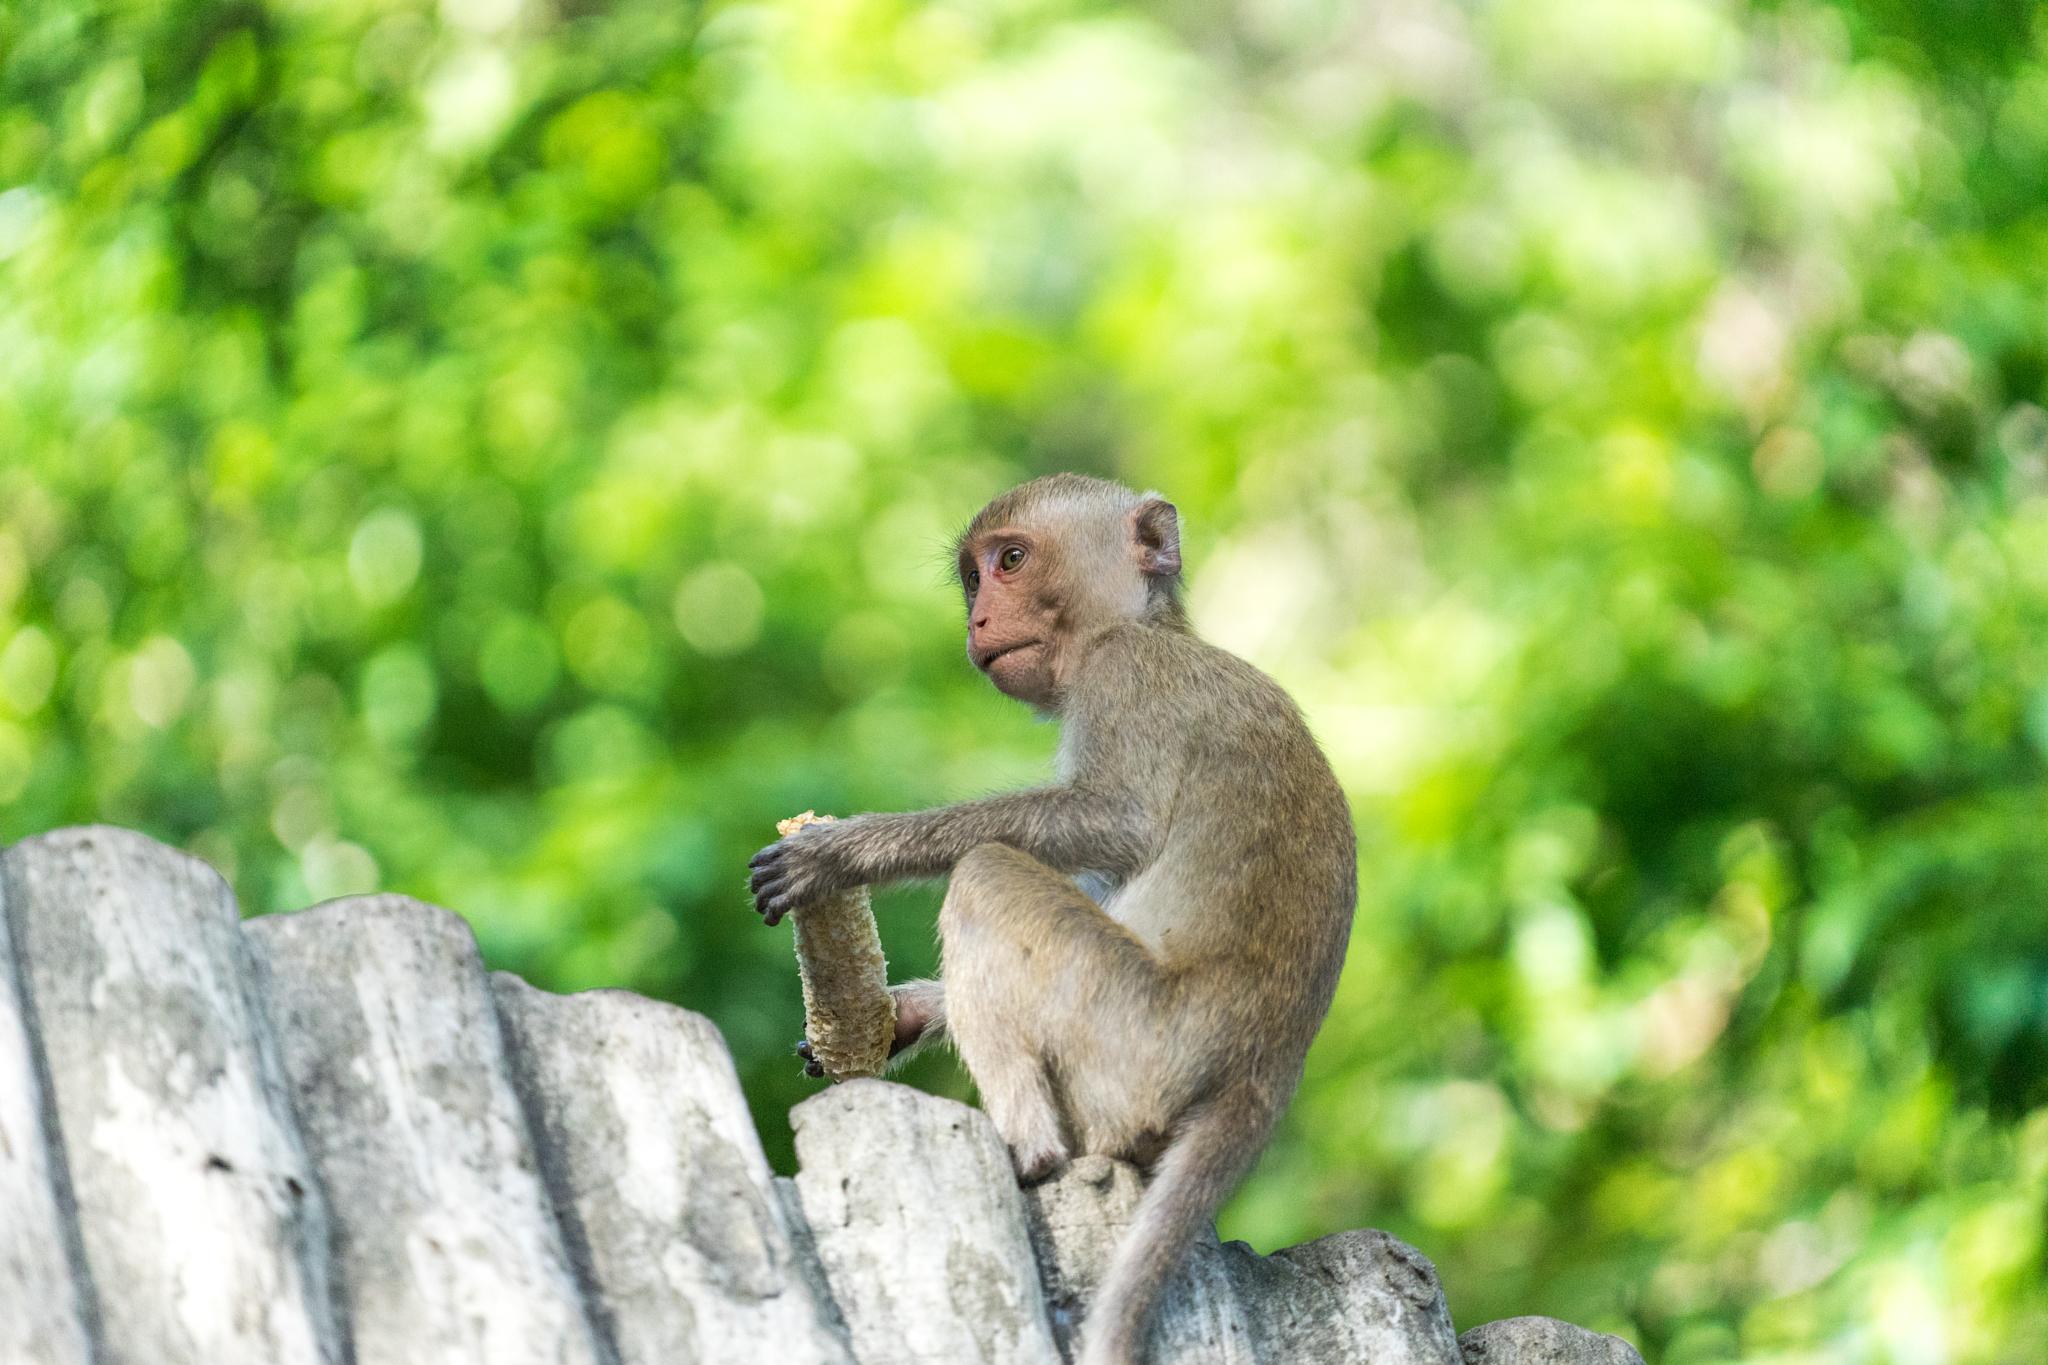 thai monkey by praphab